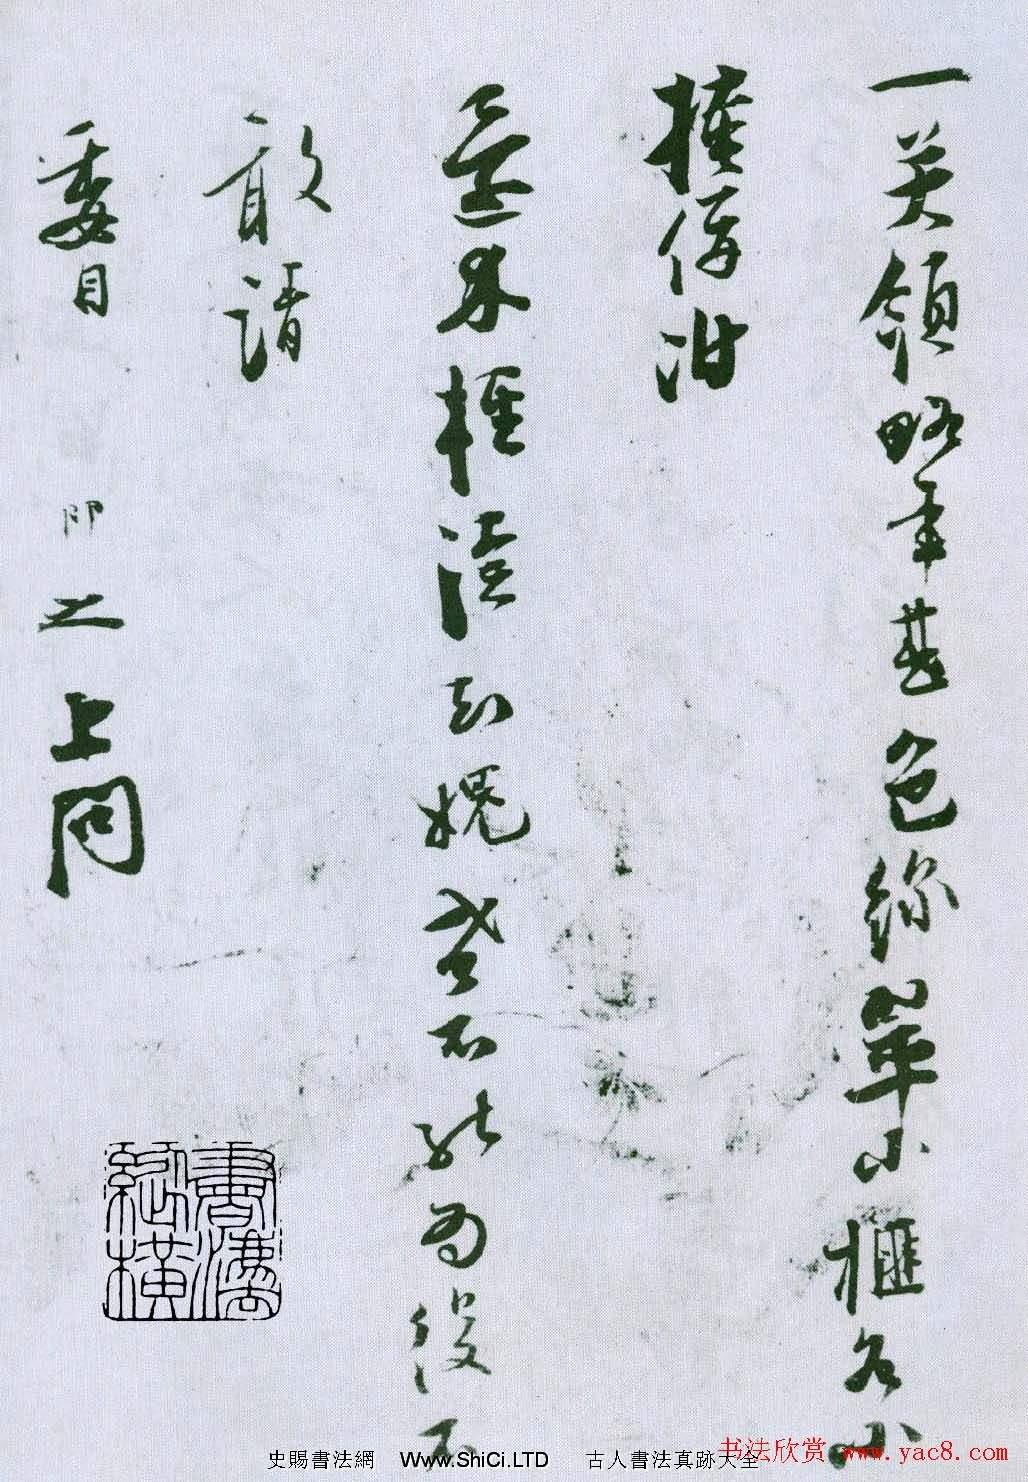 張即之行書書法墨跡《上問帖》